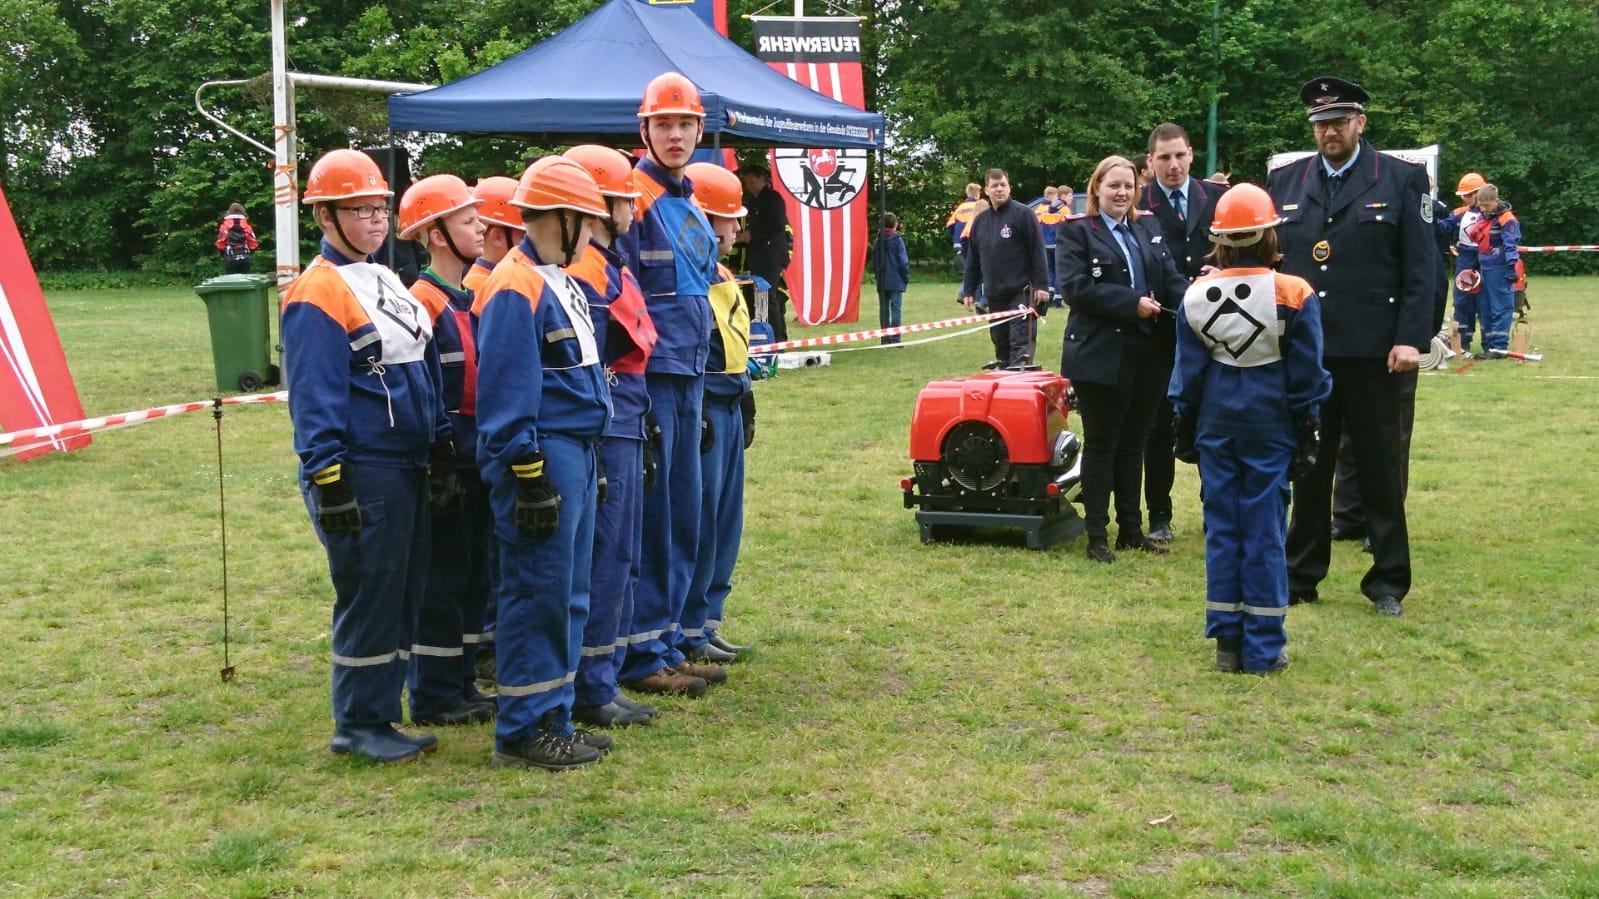 Ein erfolgreiches Wochenende liegt hinter der Jugendfeuerwehr Kettenburg